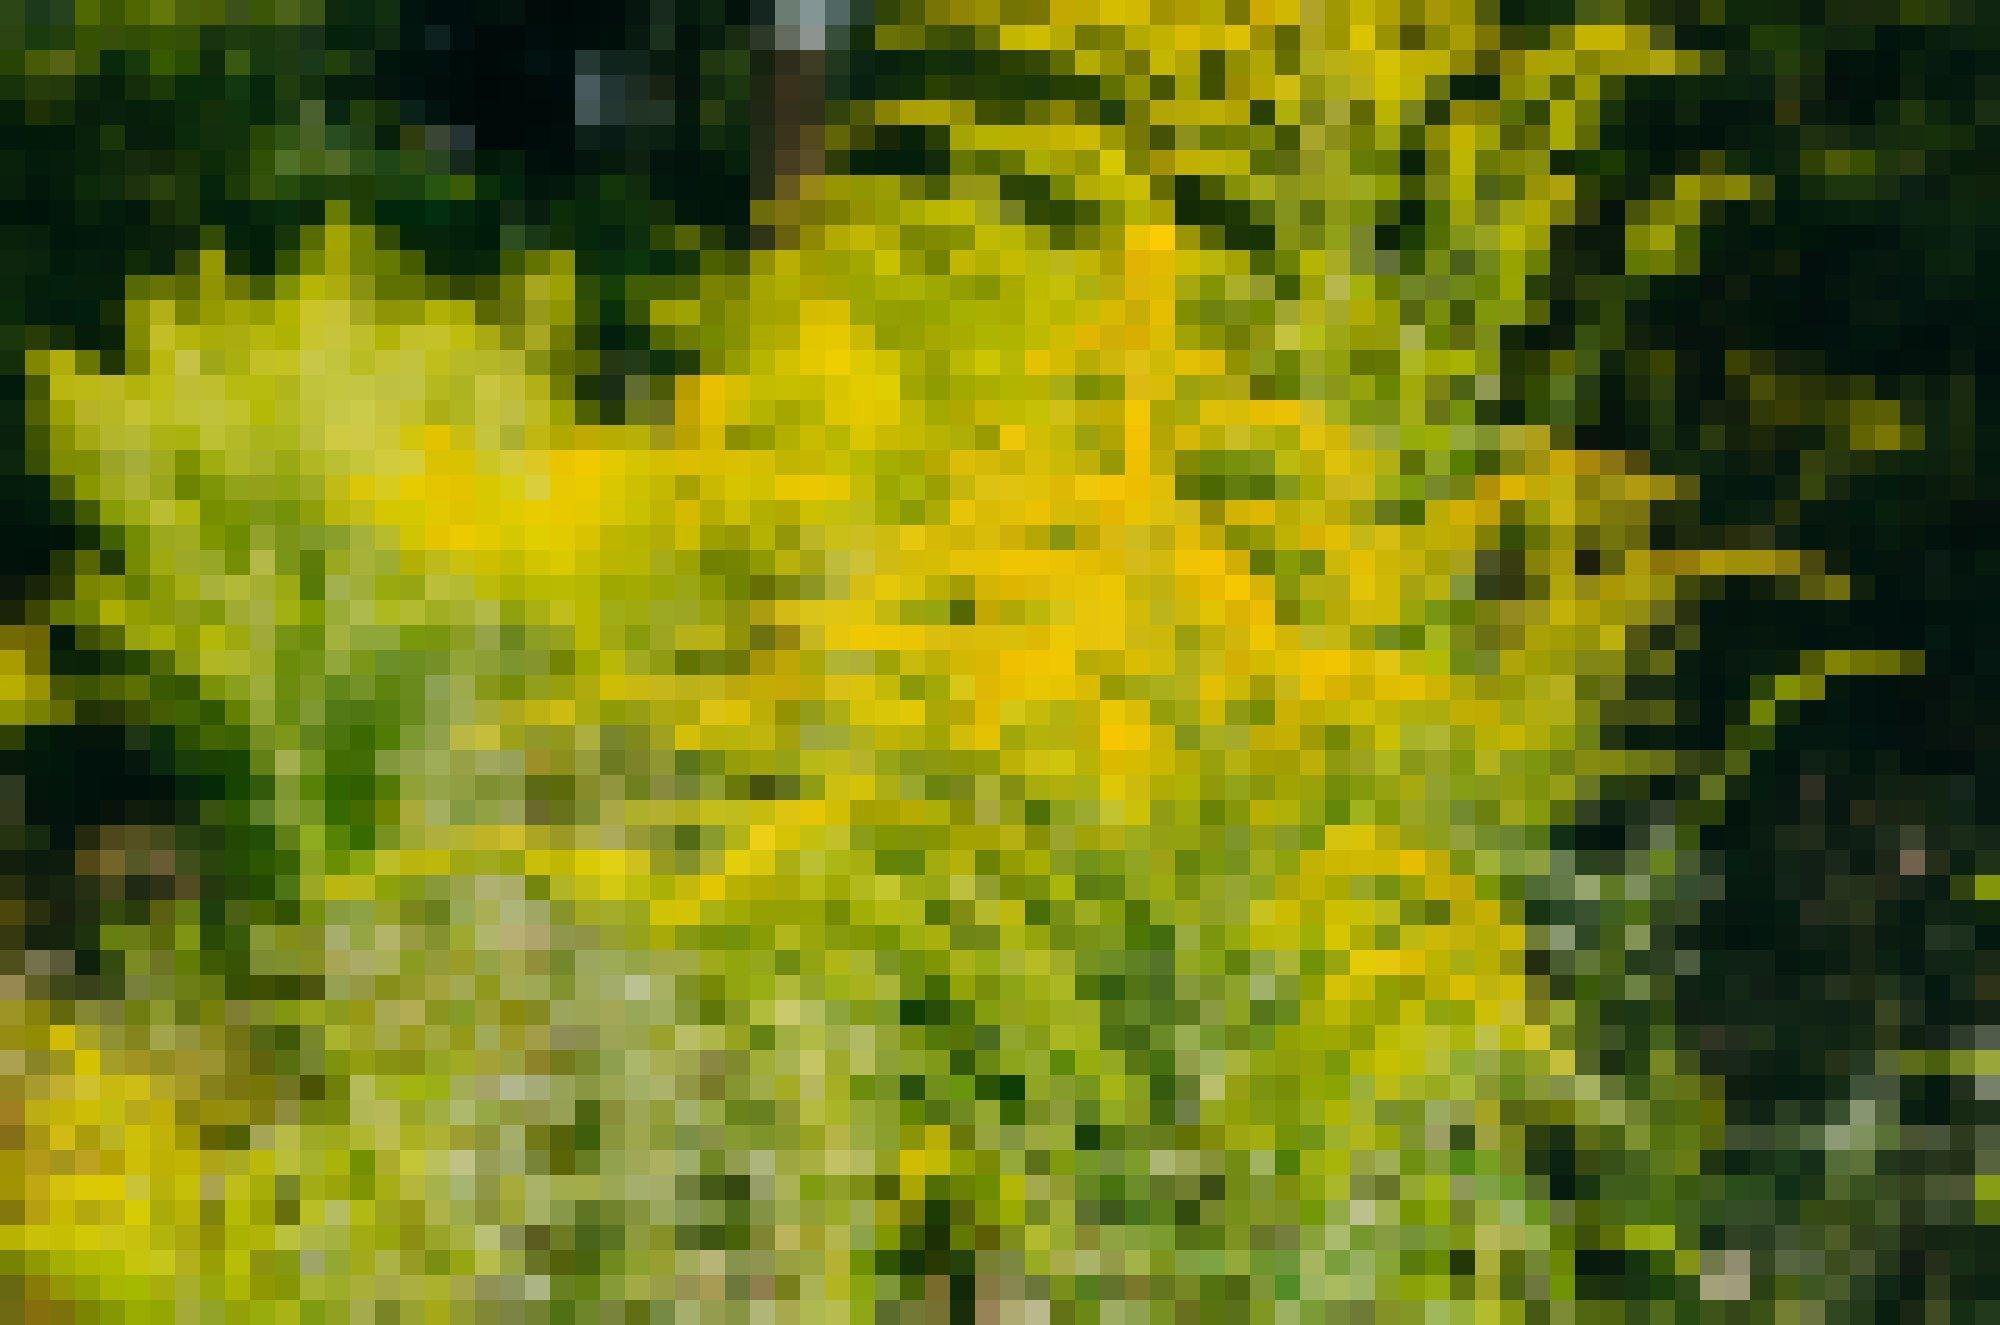 """Das Bild zeigt gelb blühende Ambrosia. Der Pollenflug der eingeschleppten Ambrosia setzt im Hochsommer ein. Durch ihr hohes allergisches Potenzial kann Ambrosia Reizungen der Atemwege bis hin zu einem Asthma-Anfall auslösen. Bei der Berührung der haarigen Stiele kann es außerdem zu einer Kontaktallergie kommen. Viele Pflanzen finden sich häufig in der Nähe von Vogelhäuschen, da in Futter mit Sonnenblumenkernen oft Ambrosiensamen enthalten sind. Das kommt daher, dass Ambrosien oft auf Sonnenblumenfeldern als """"Ackerunkraut"""" vorkommen. Wer einen großen Ambrosia-Bestand entdeckt, sollte das der zuständigen Behörde melden, damit die Pflanzen fachgerecht entsorgt werden können."""